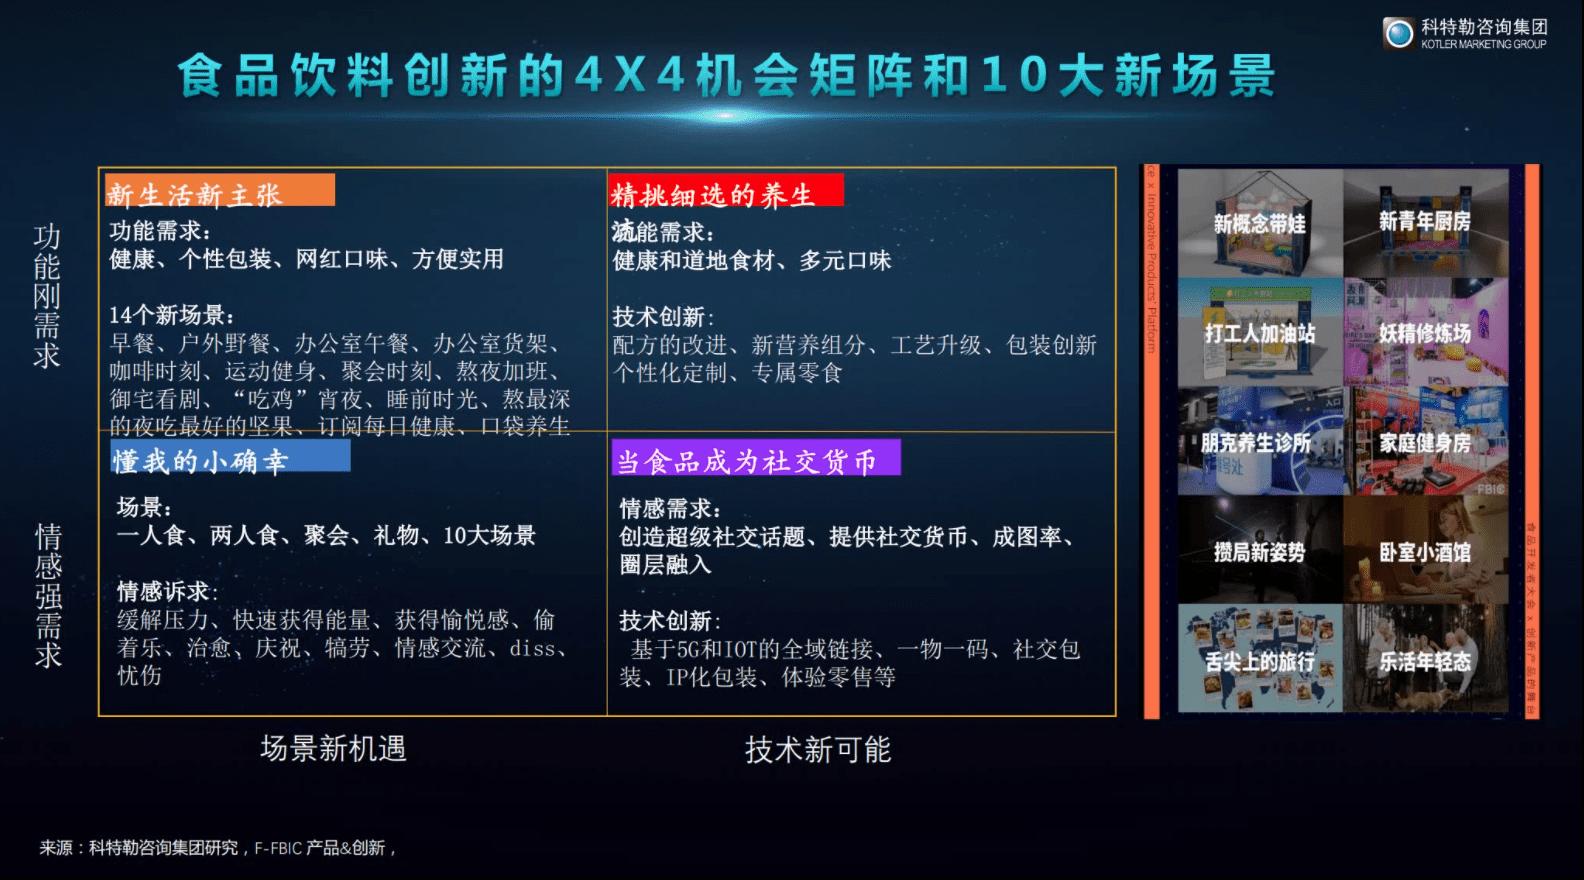 曹虎:增长的底层逻辑——在中国饮品创新增长大会的演讲